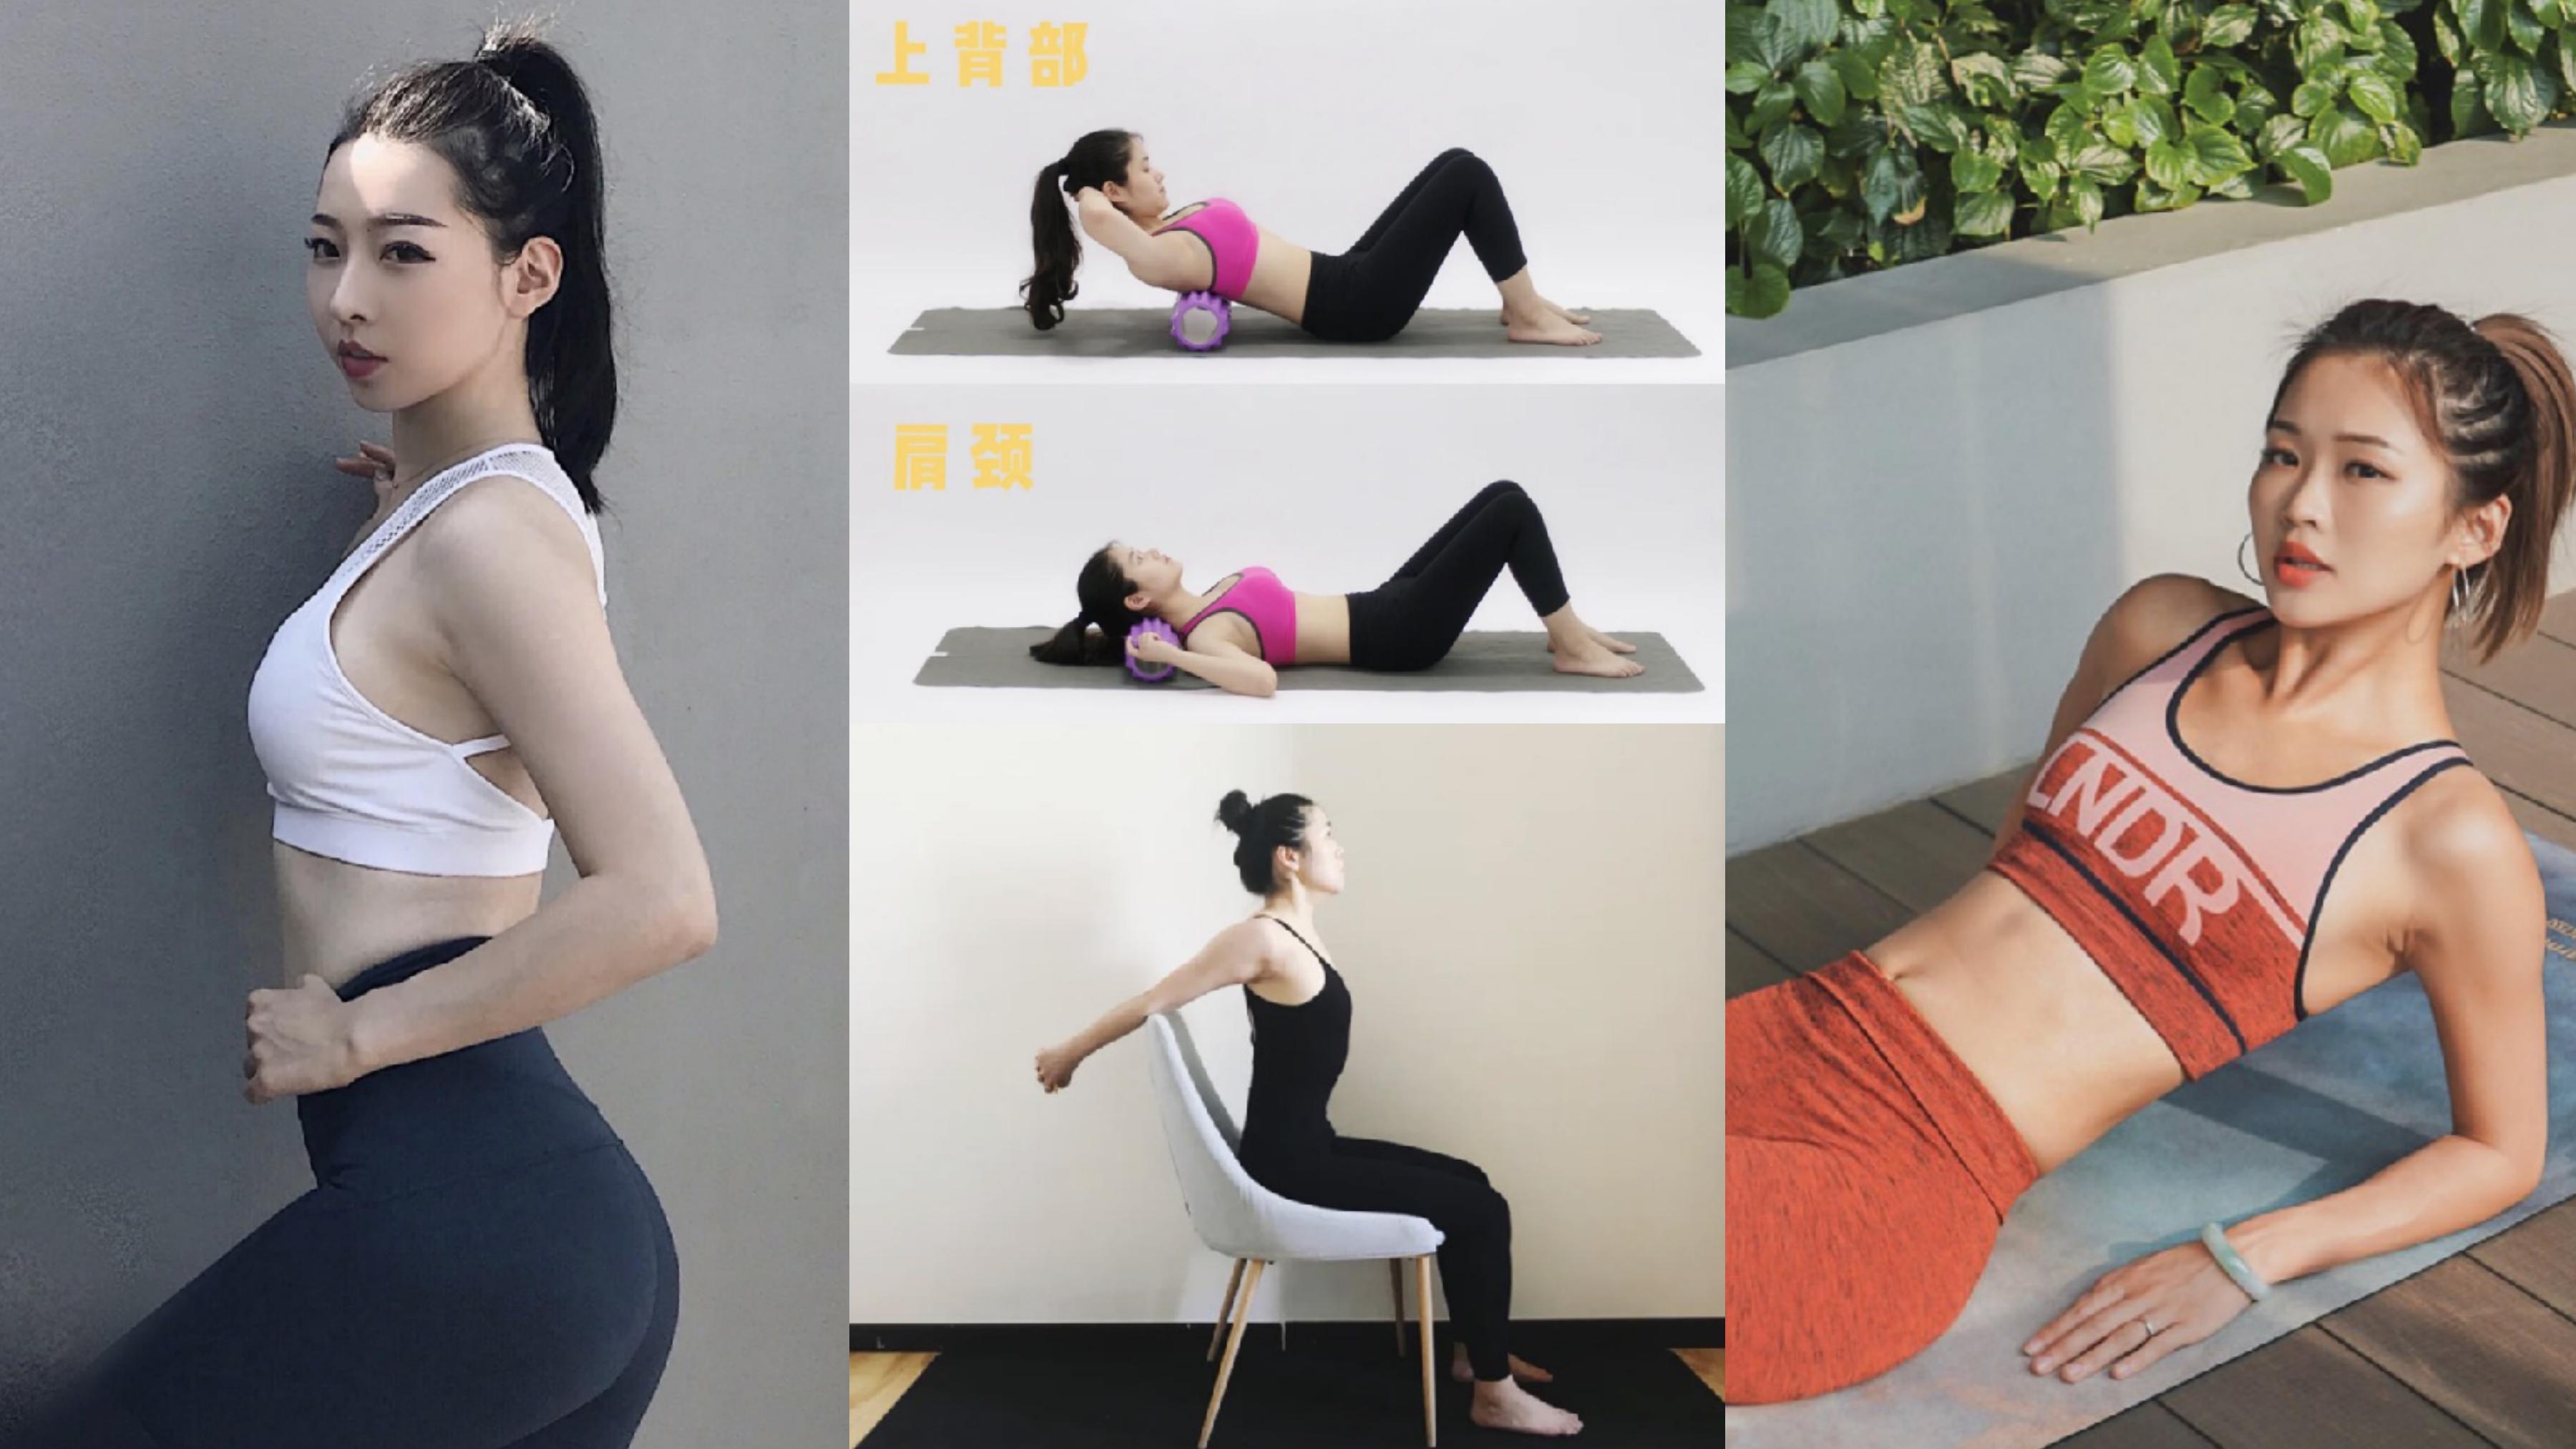 [在家工作]比通勤上班更緊繃?3大伸展操練出靈活體態,肩膀不卡卡,腰、背、腿也一起變纖細